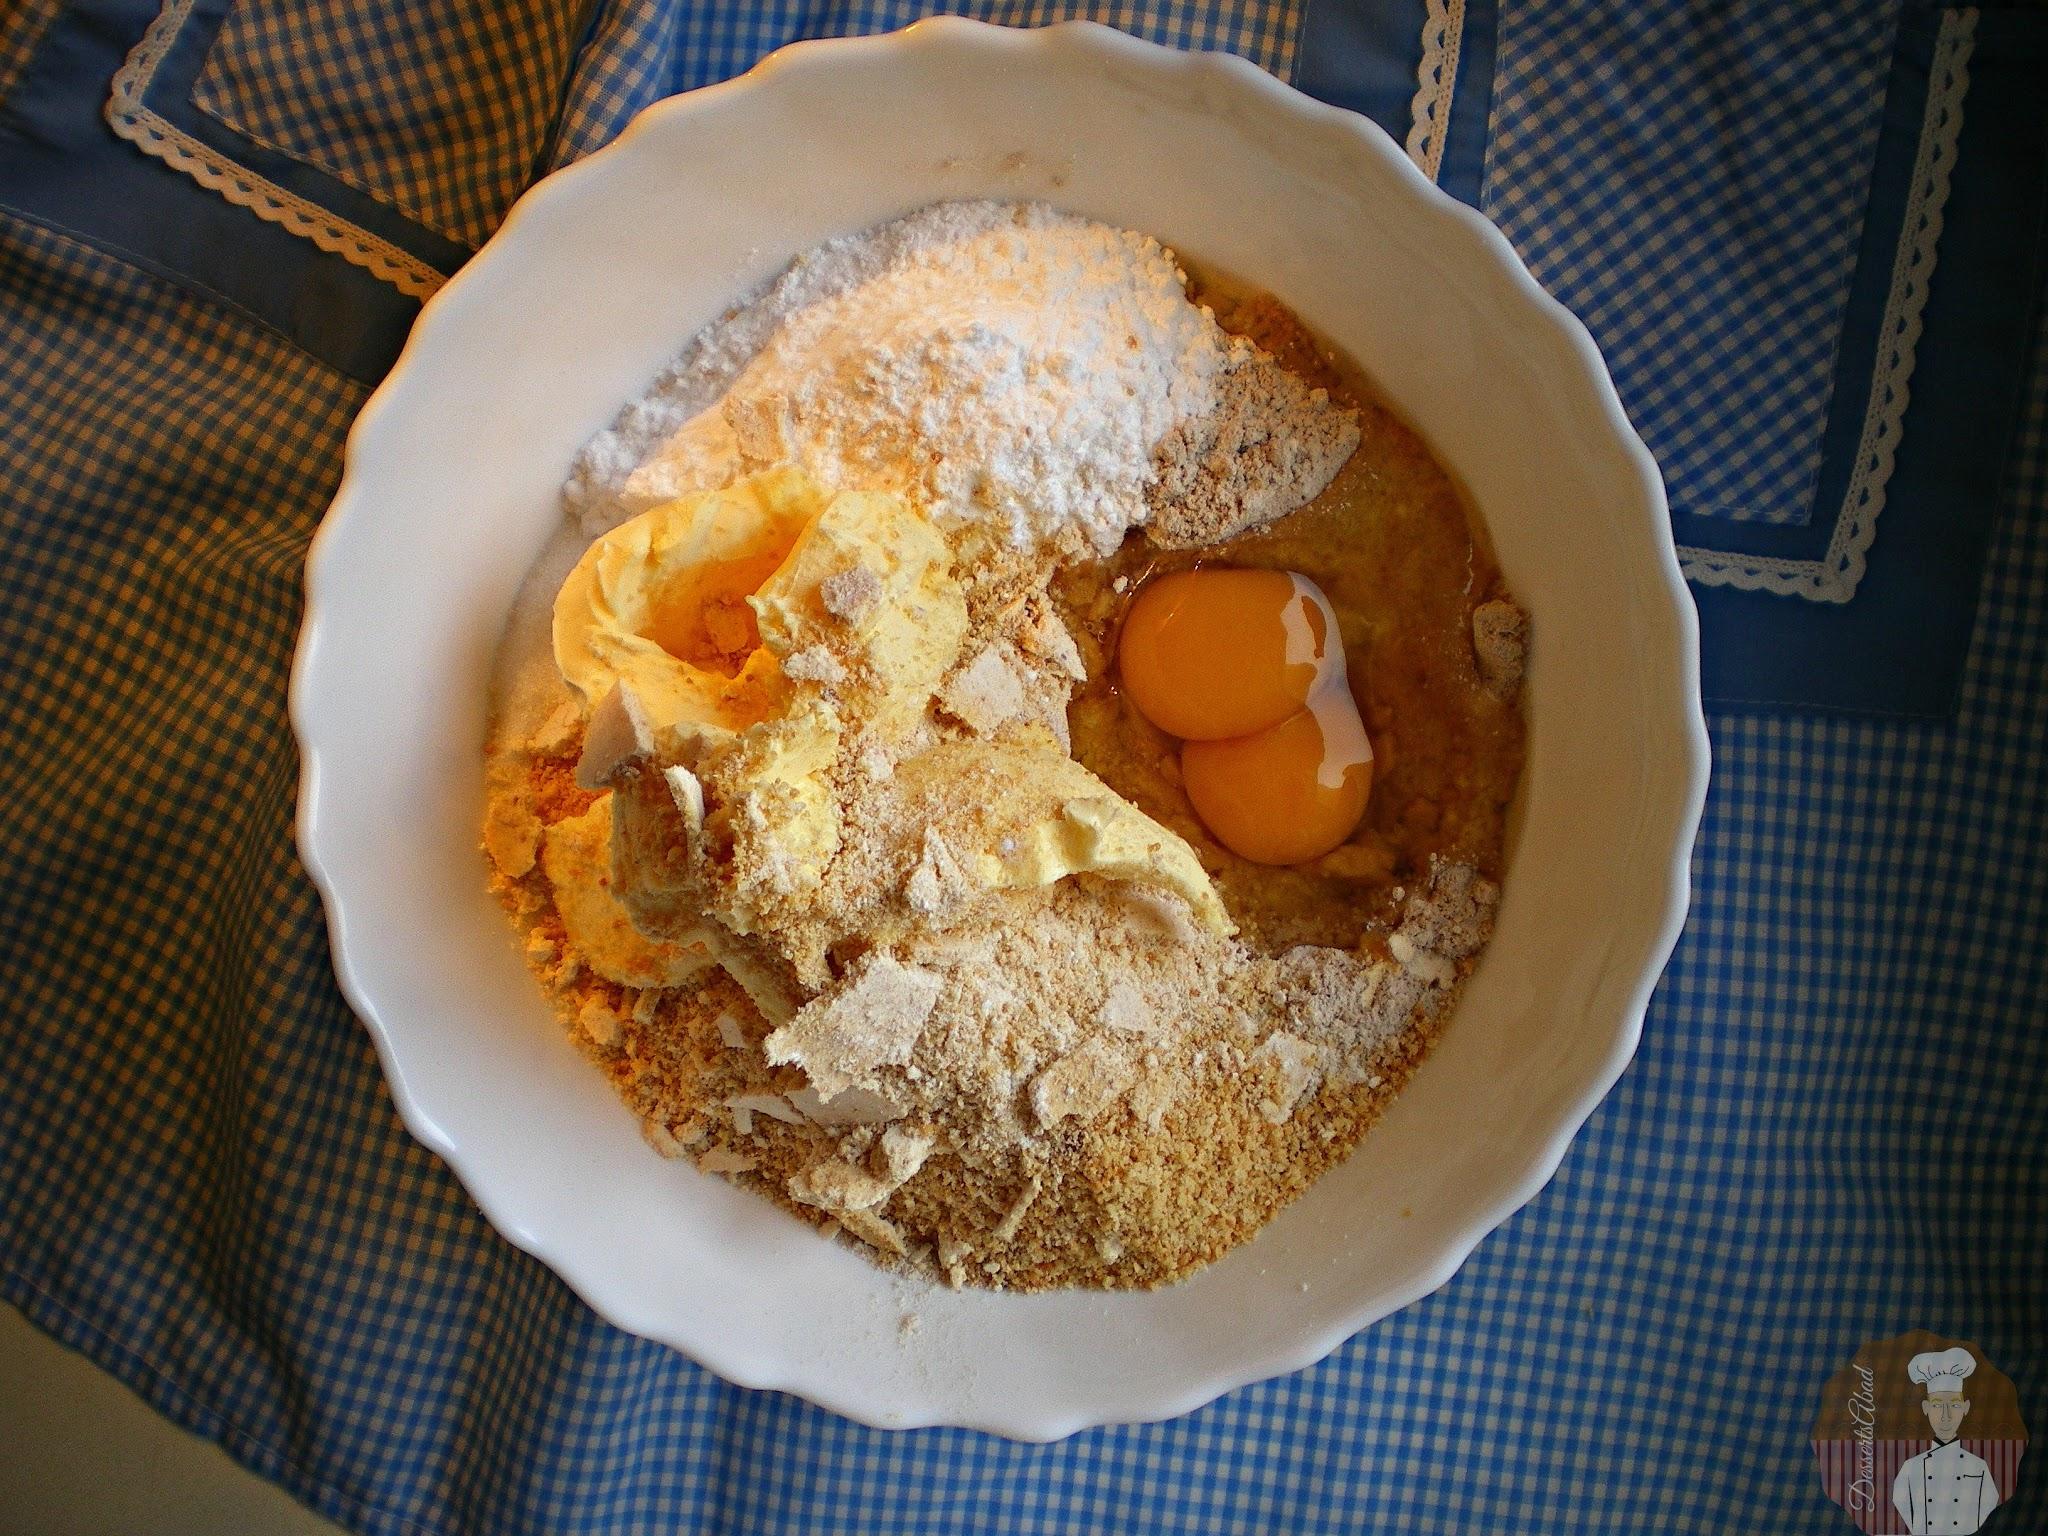 Pastas surtidas con  harina de avena y nocilla : Ingredientes